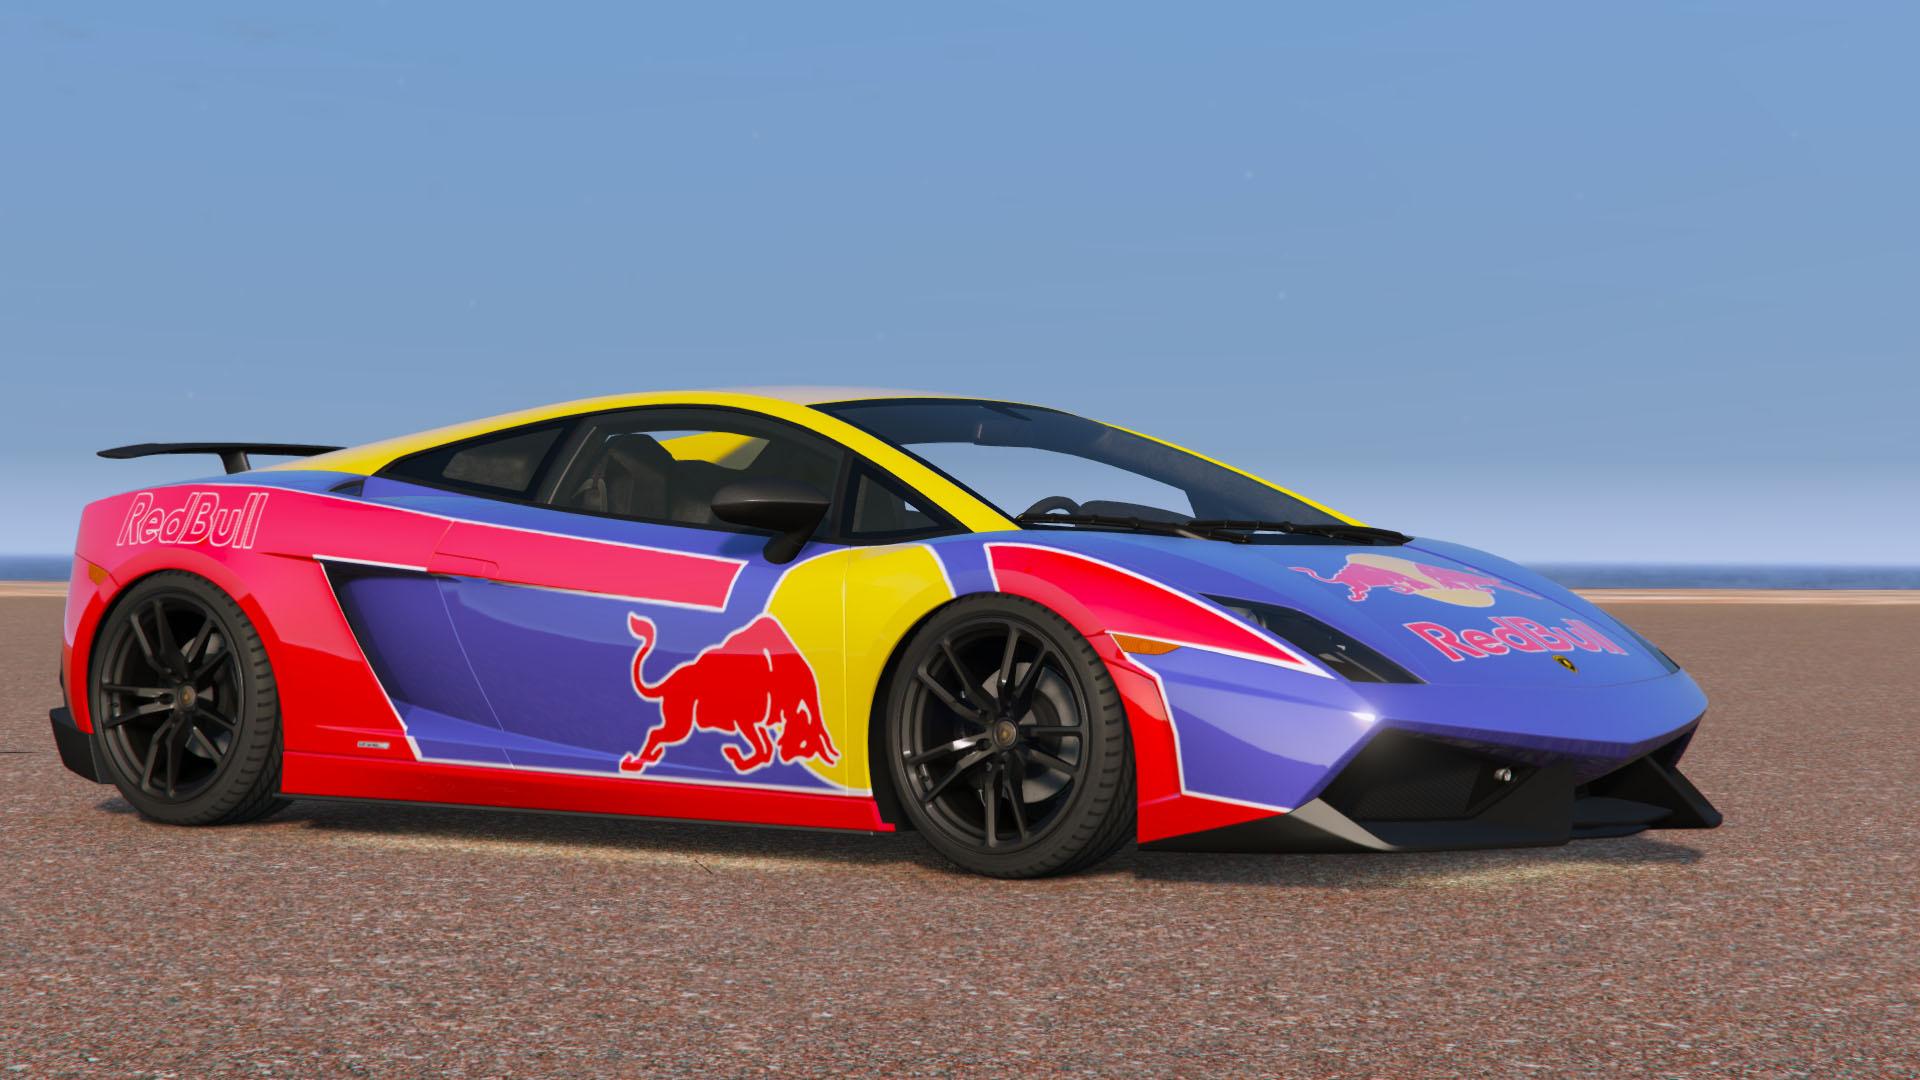 Red Bull Livery Lamborghini Gallardo Lp570 4 Superleggera